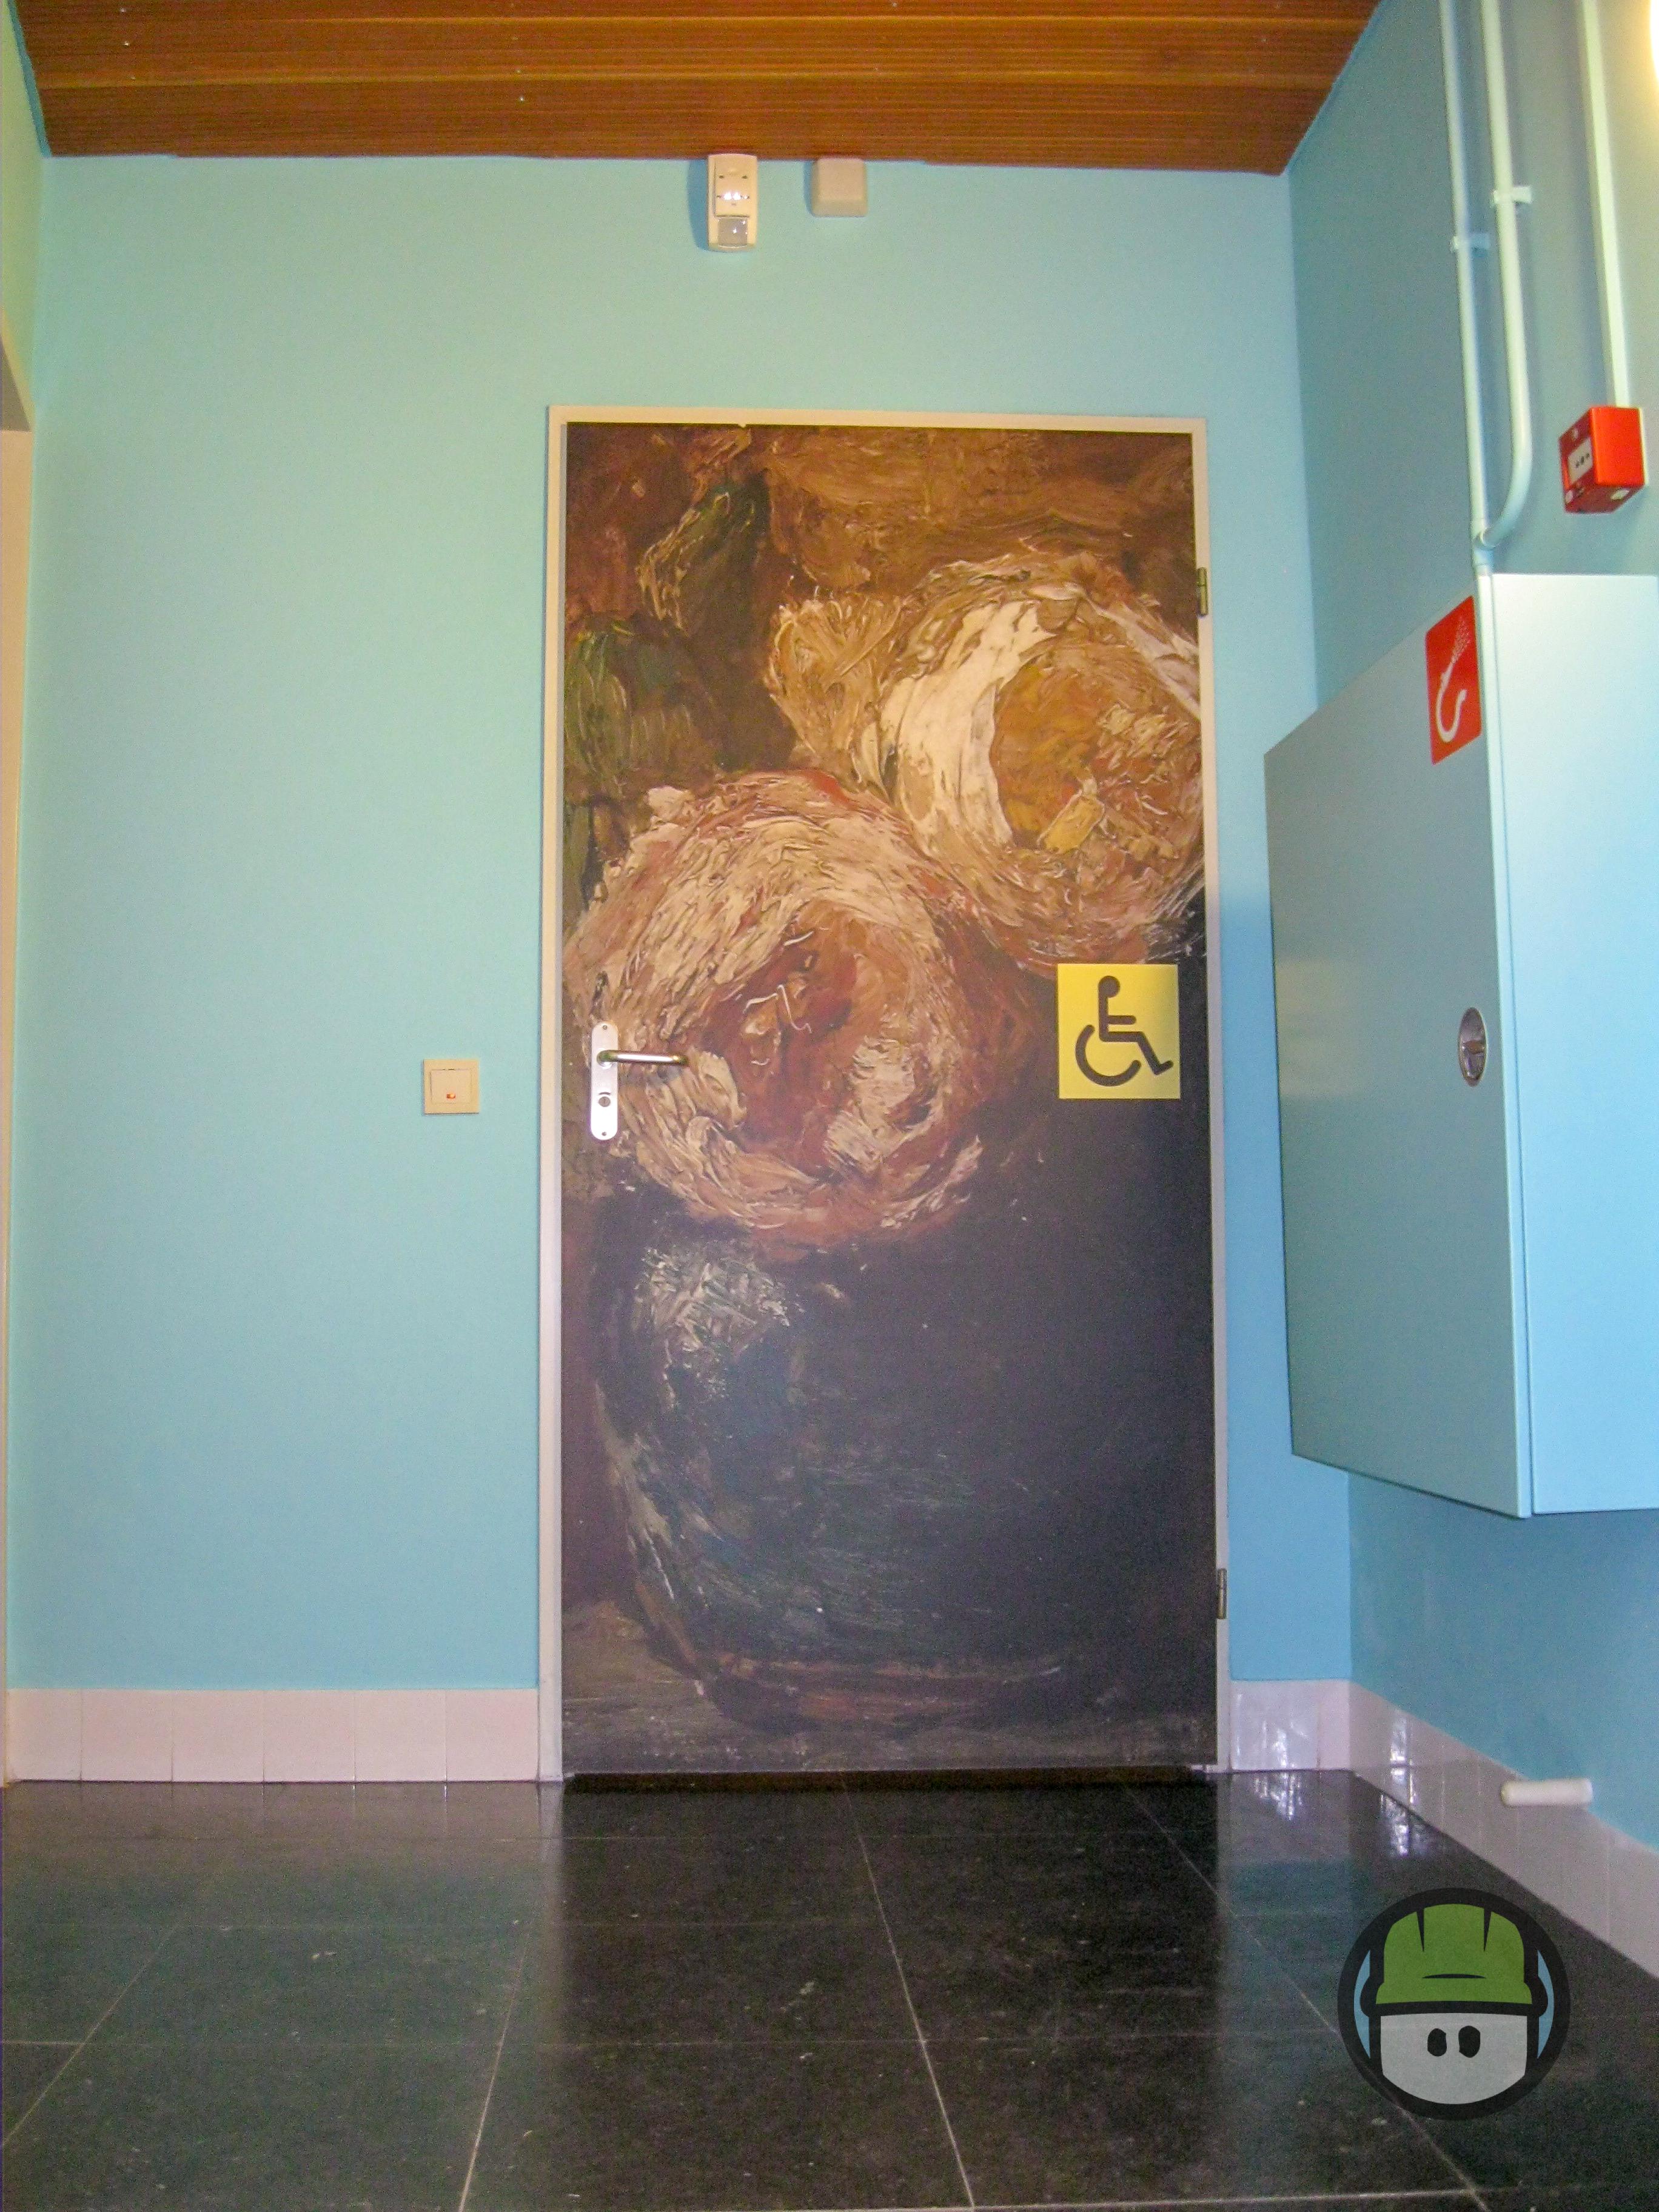 Deur- en Muurbelettering Museum Gouda iov 3MegaWatt